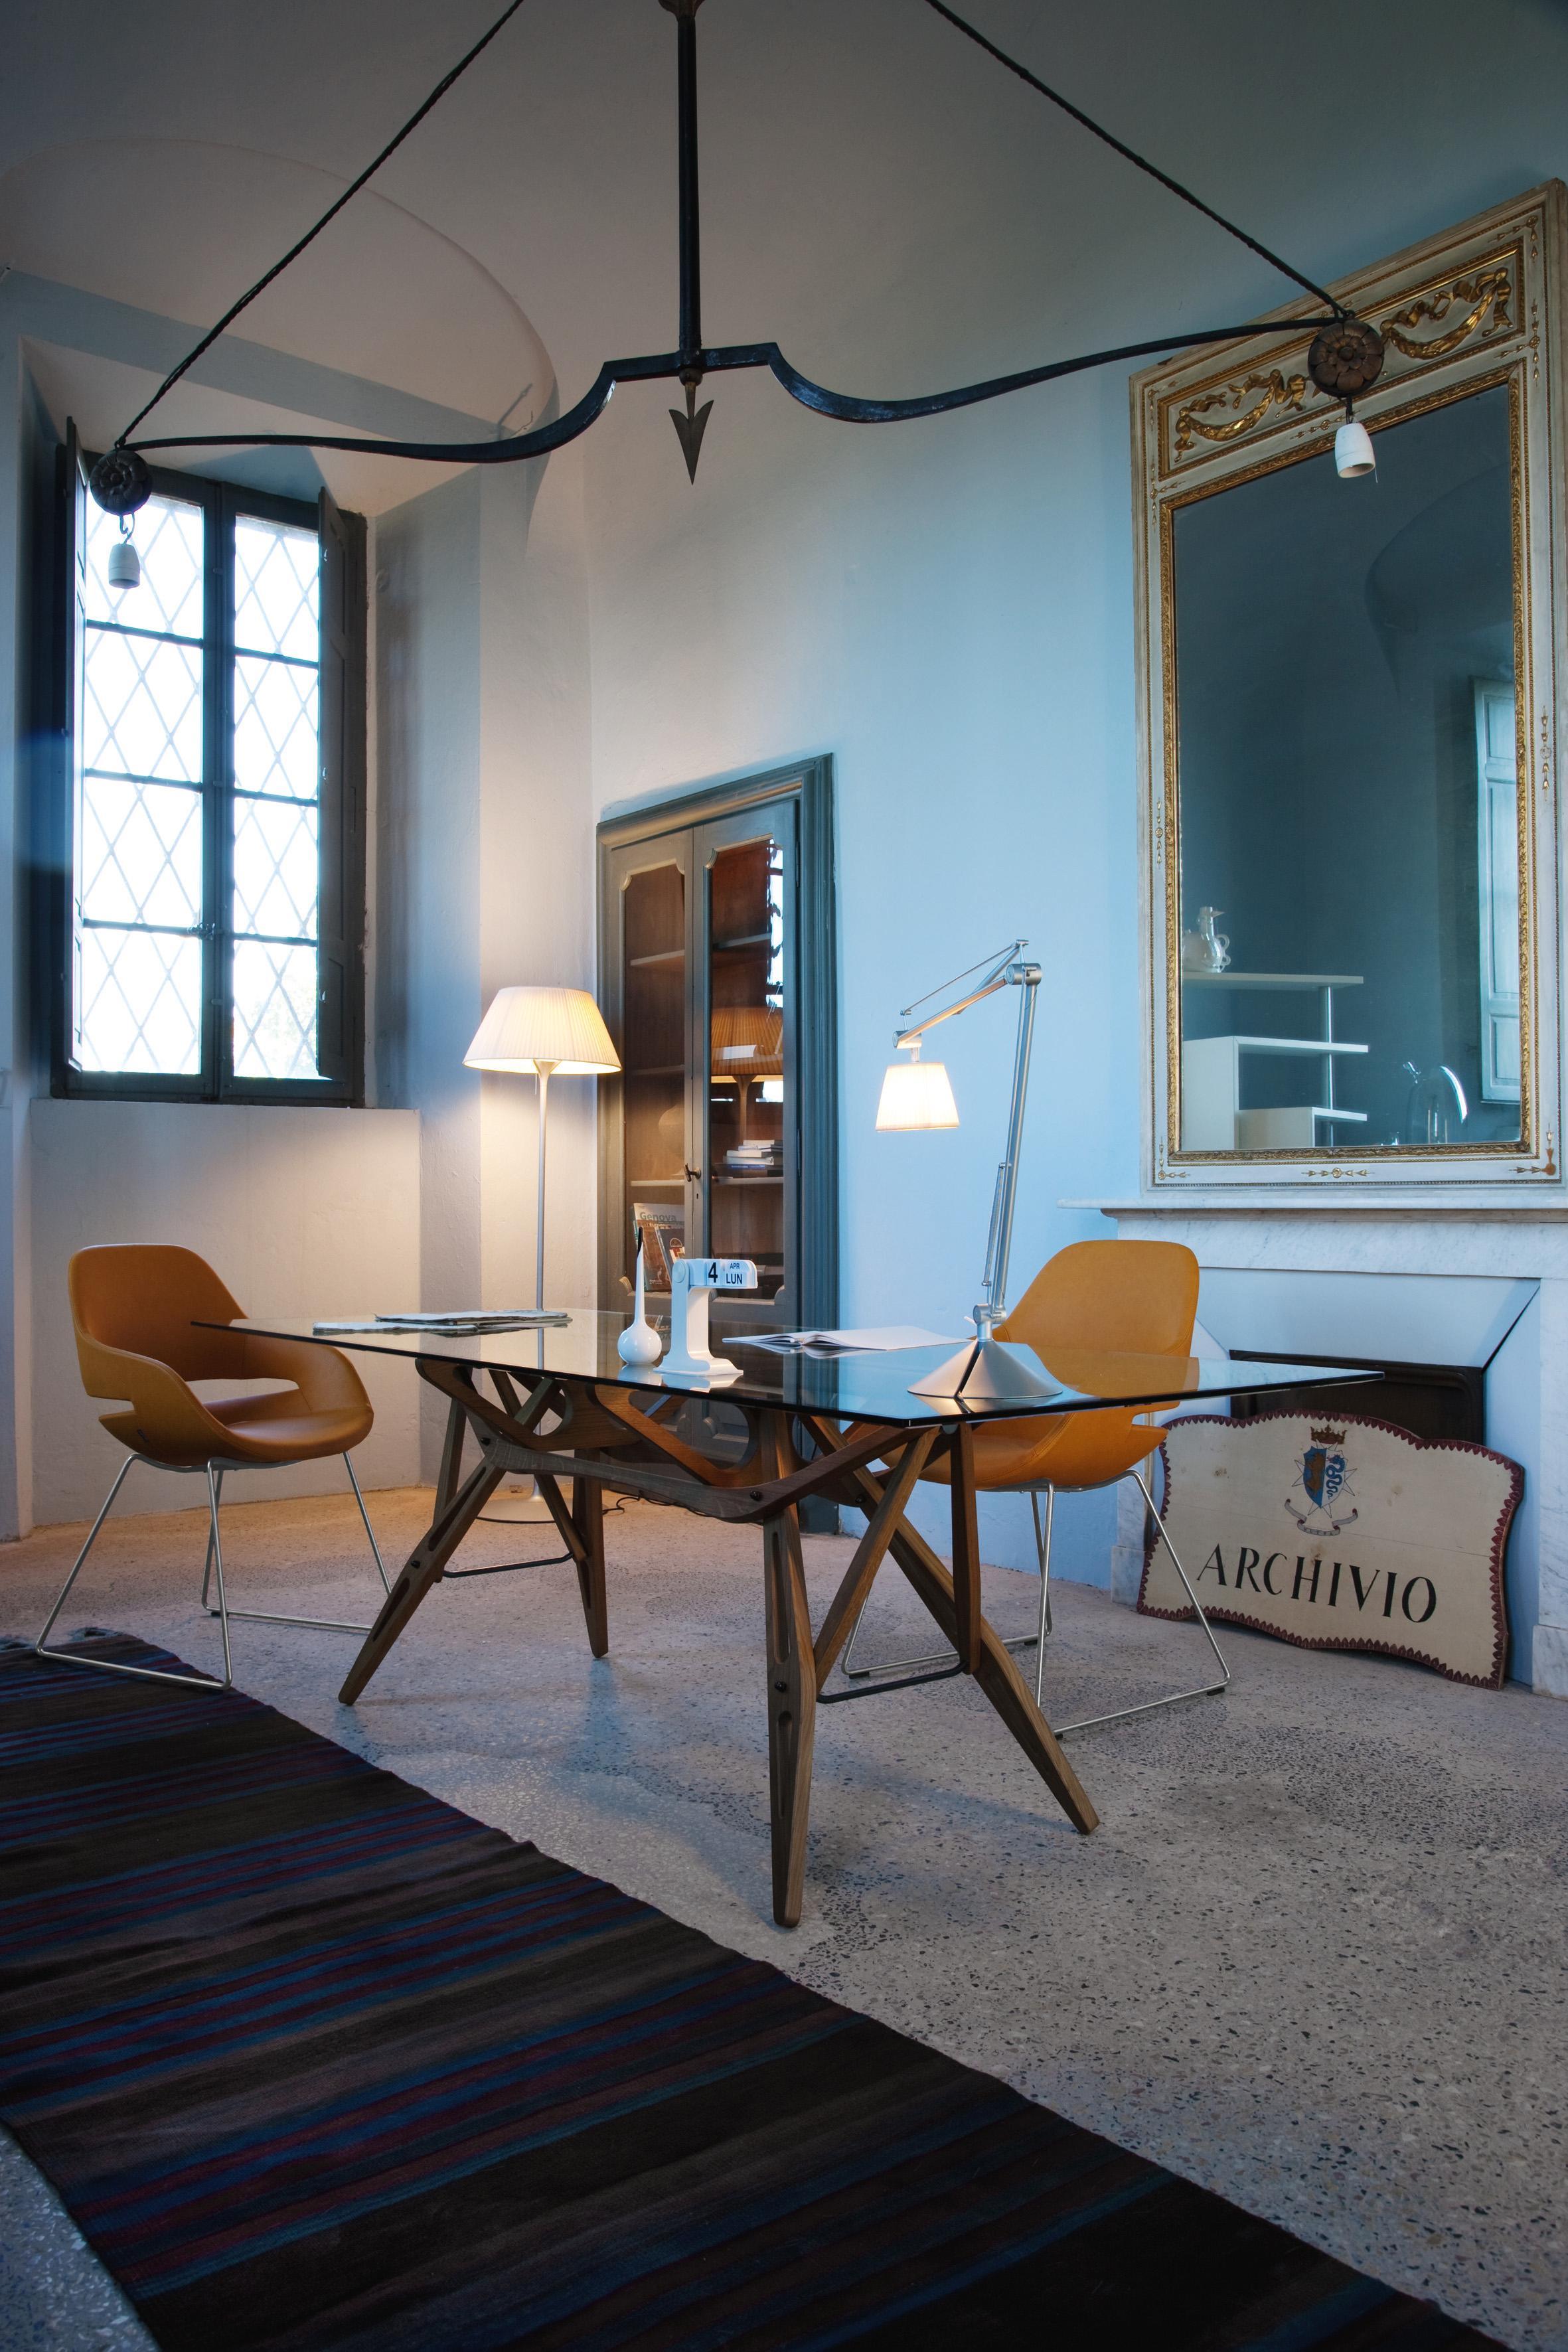 Design Holztisch Pfeil Und Bogen Design Holztisch Teppich Spiegel Couchstyle